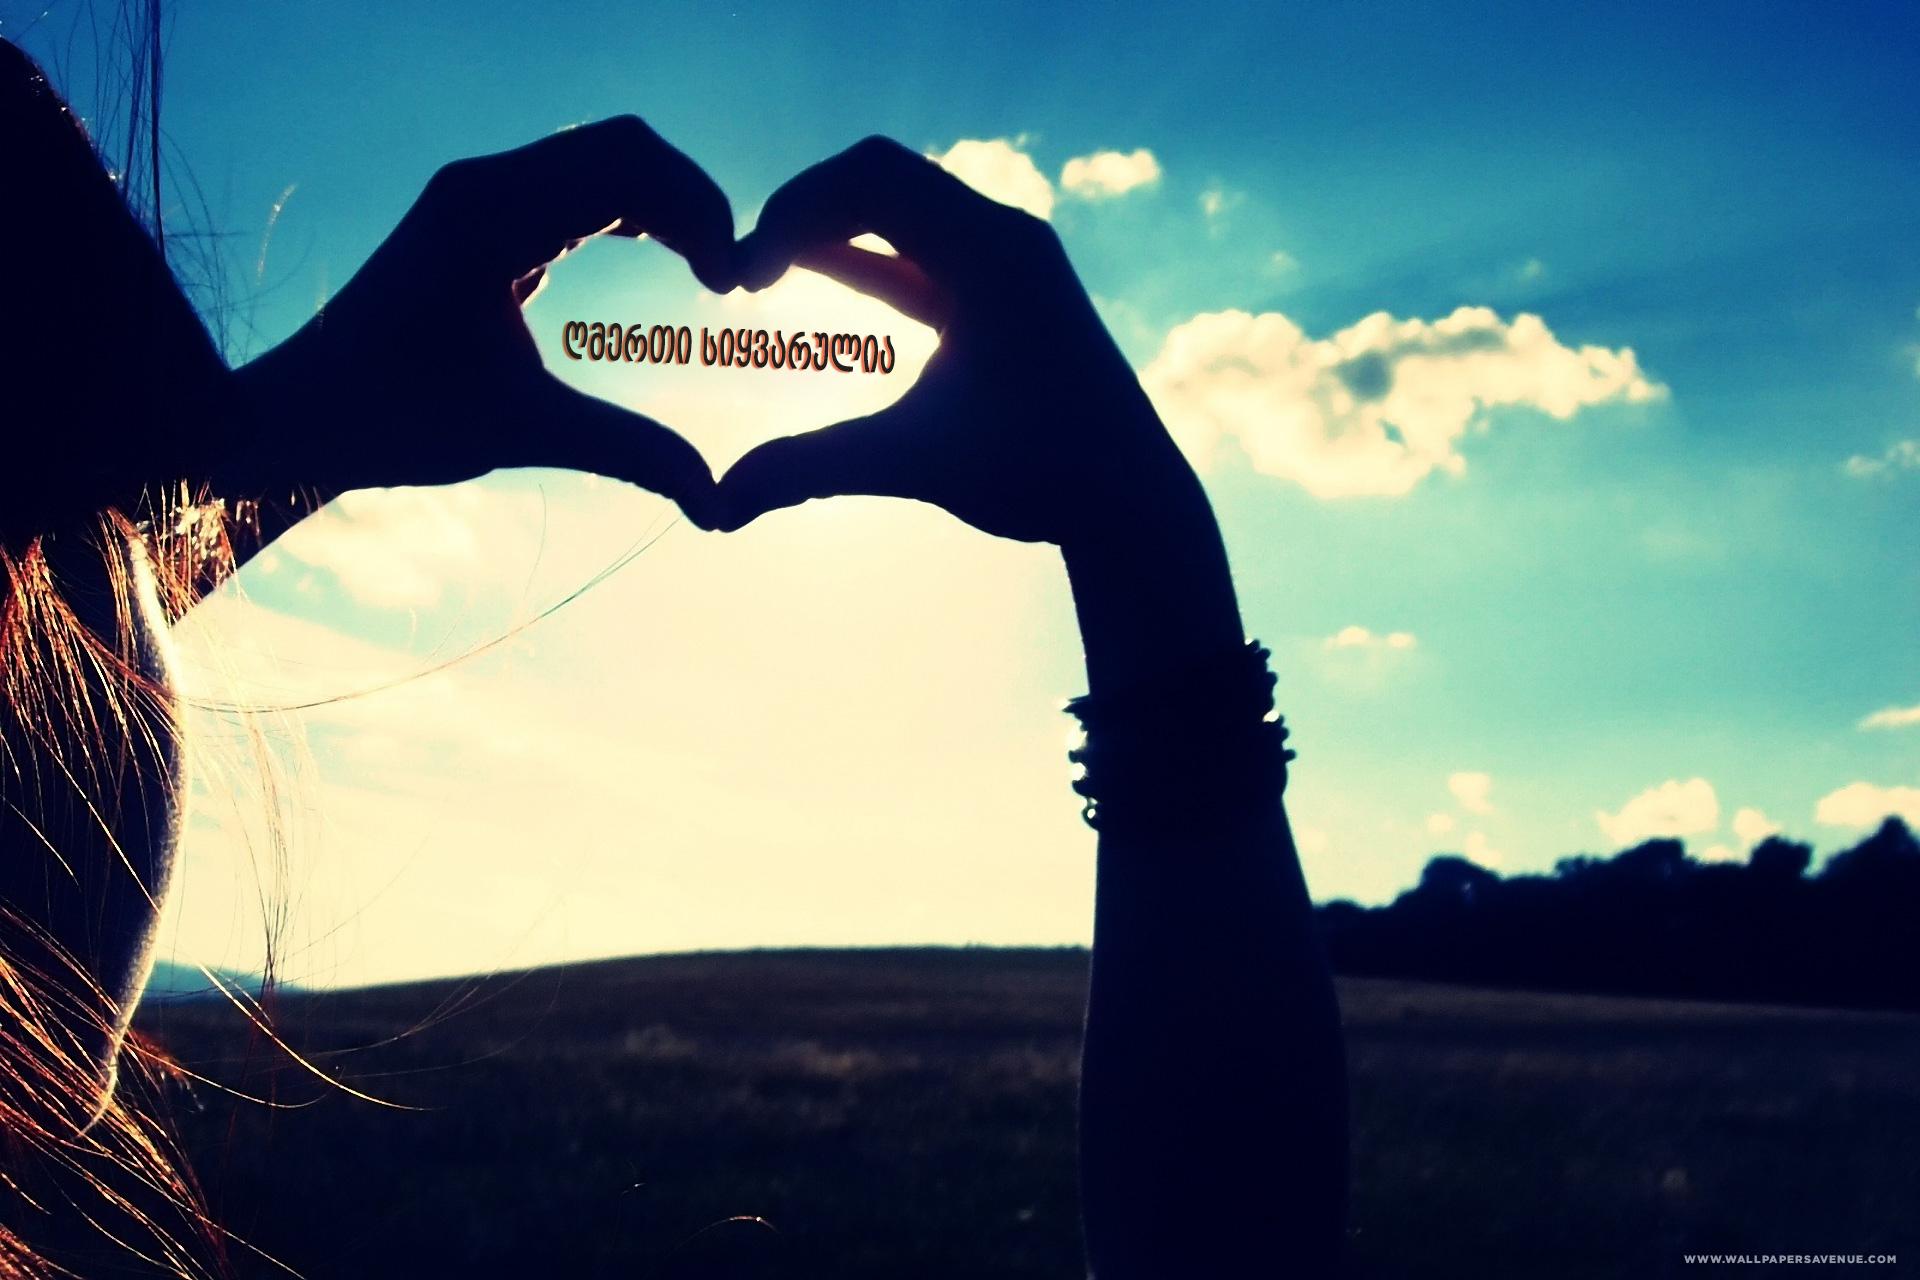 ღმერთი სიყვარულია